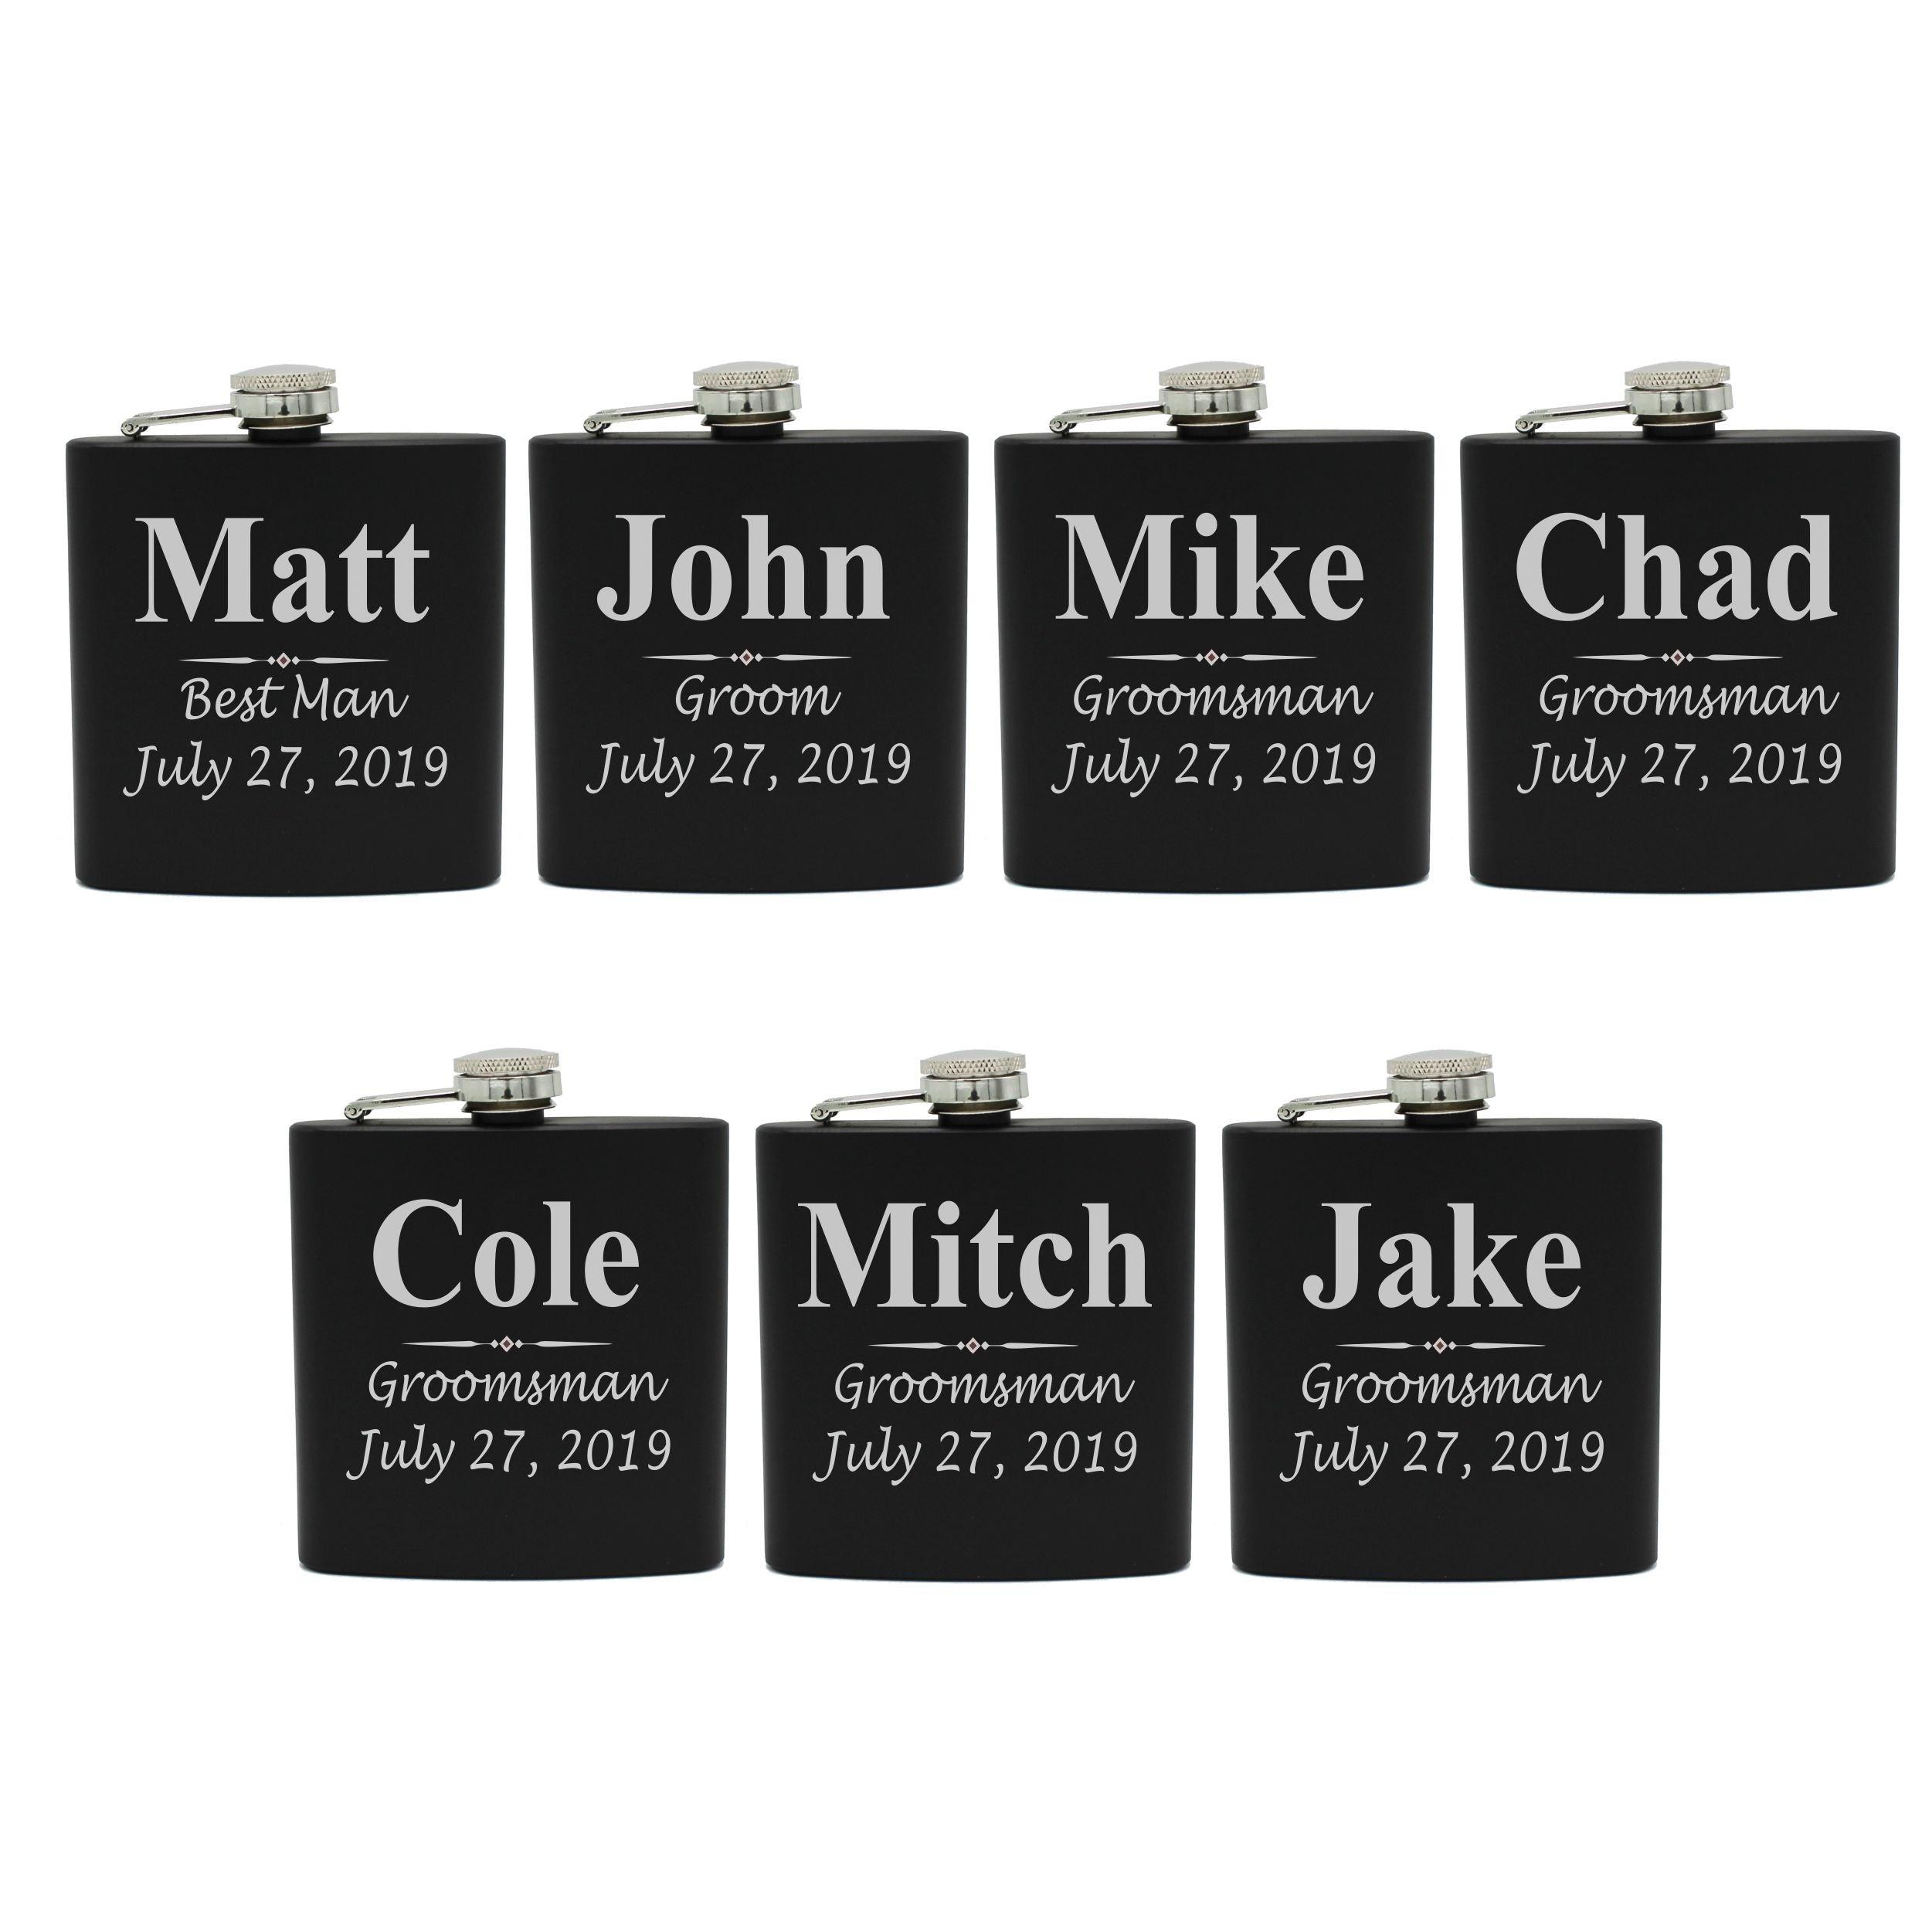 Set of 1, 2, 3, 4, 5, 6, 7, 8 Personalized Black Flask - Custom Engraved Groomsmen, Best Man, Groom Gift Flasks - 3 Lines Style (7) by My Personal Memories (Image #1)